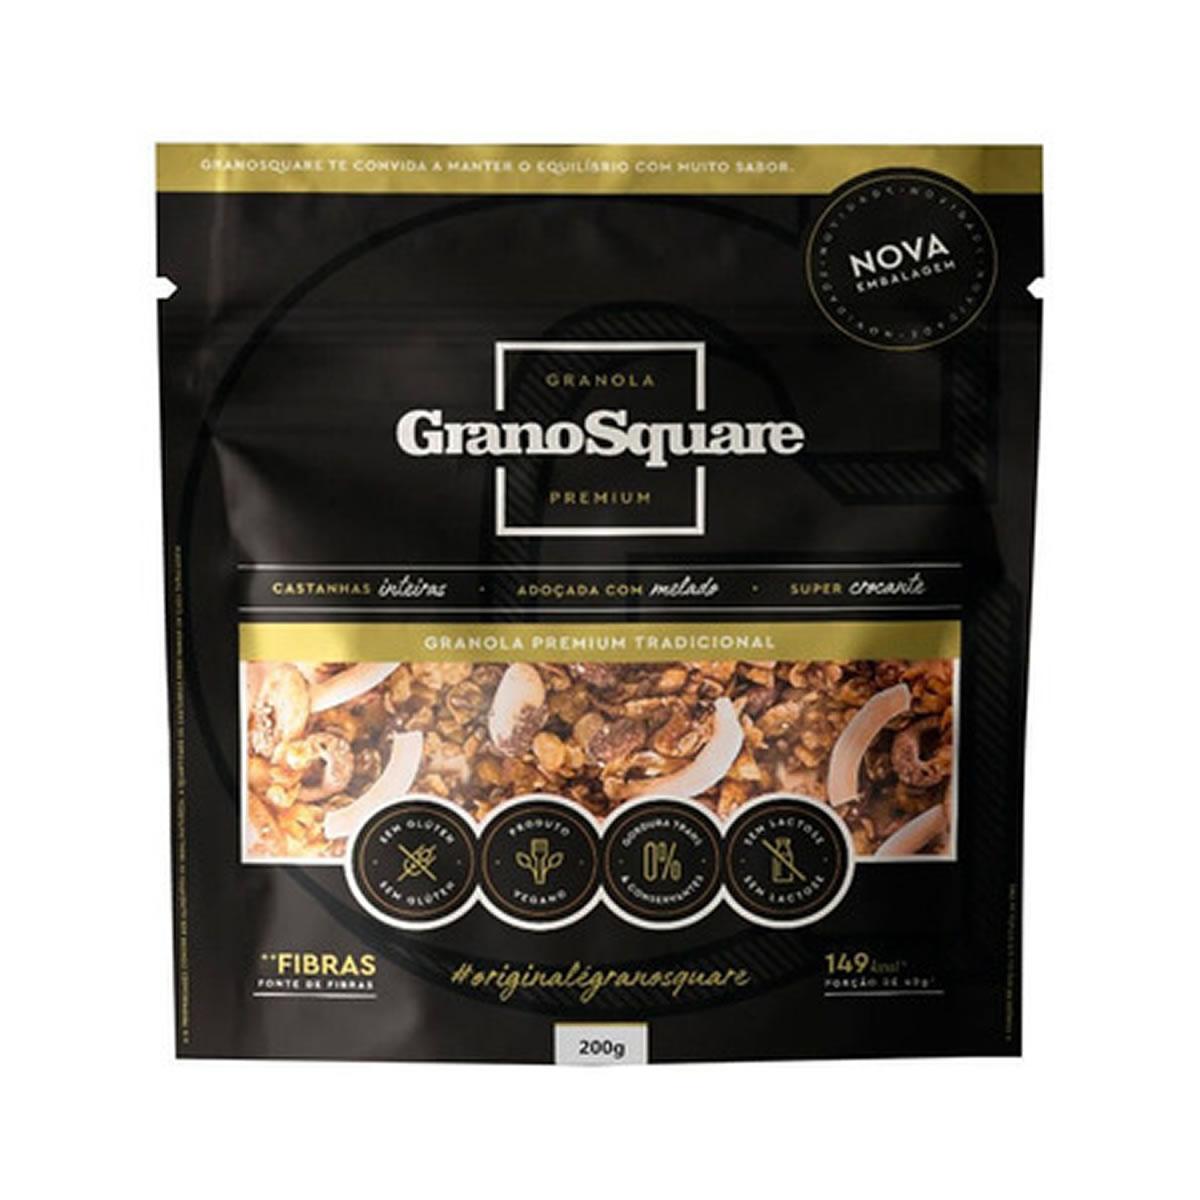 Granola Premium Tradicional 200g - GranoSquare